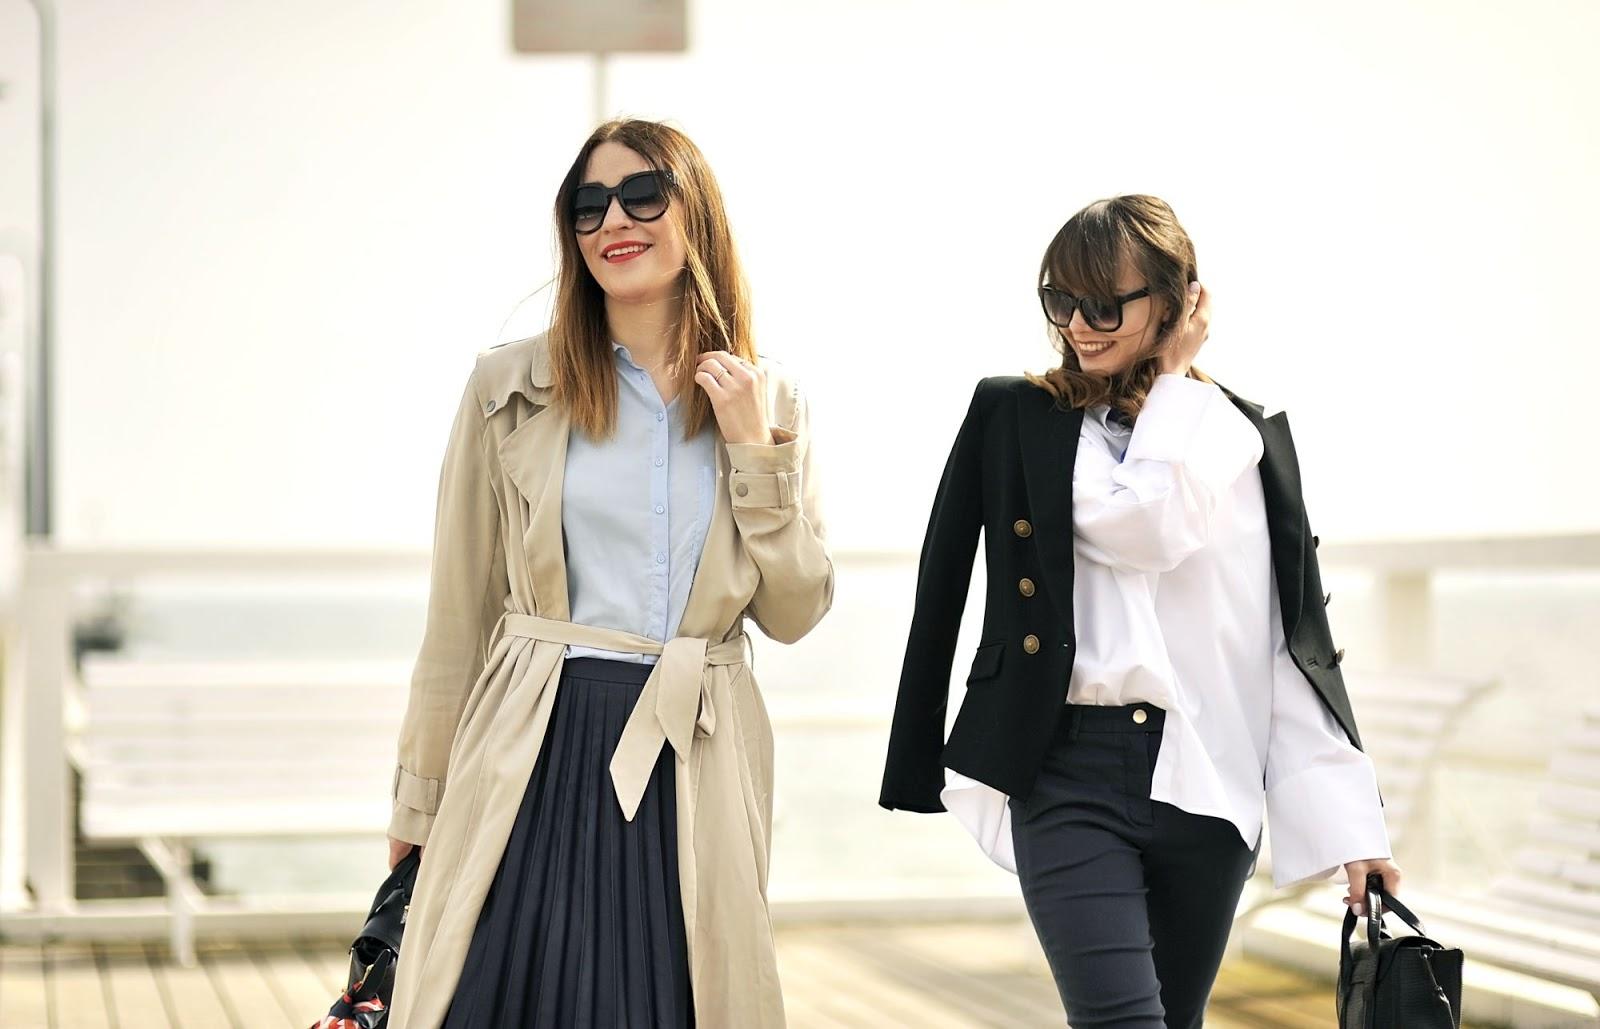 wspolna sesja dwoch blogerek | cammy i shinysyl | minimalizm